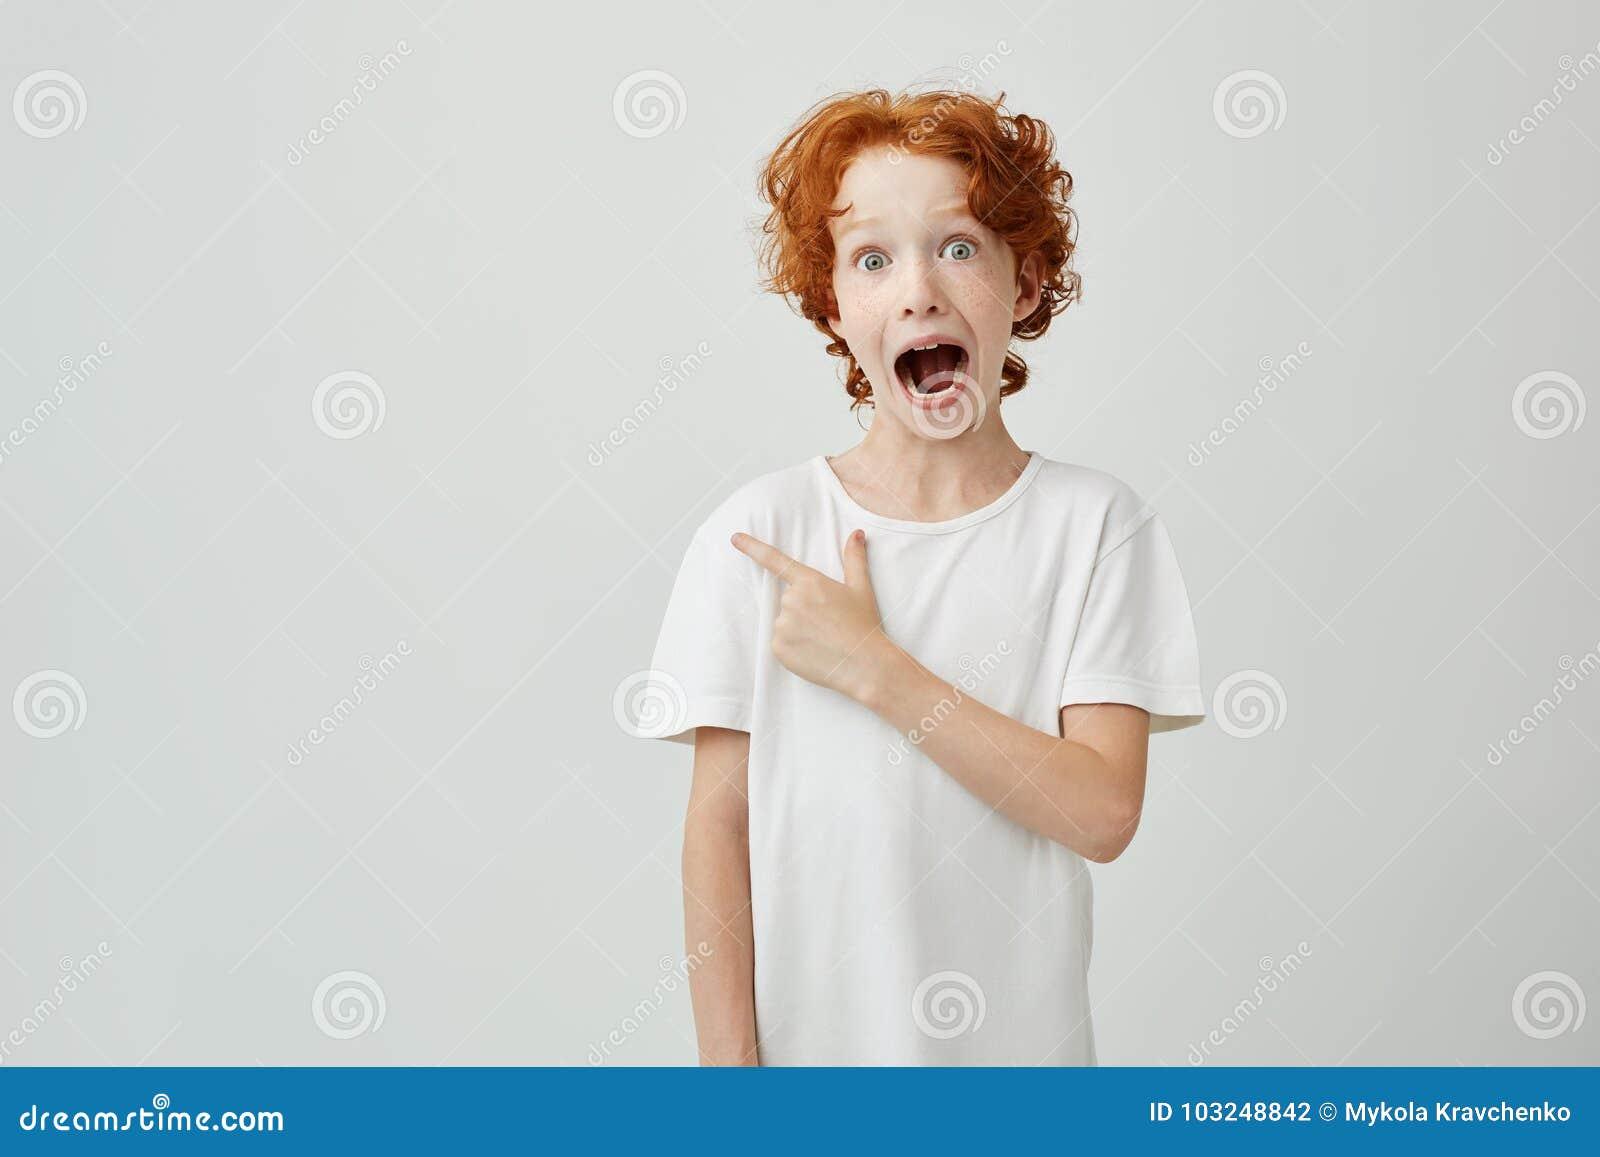 Stående av det glade ljust rödbrun barnet med fräknar som poserar med den öppnade munnen och galet uttryck som pekar på fritt utr